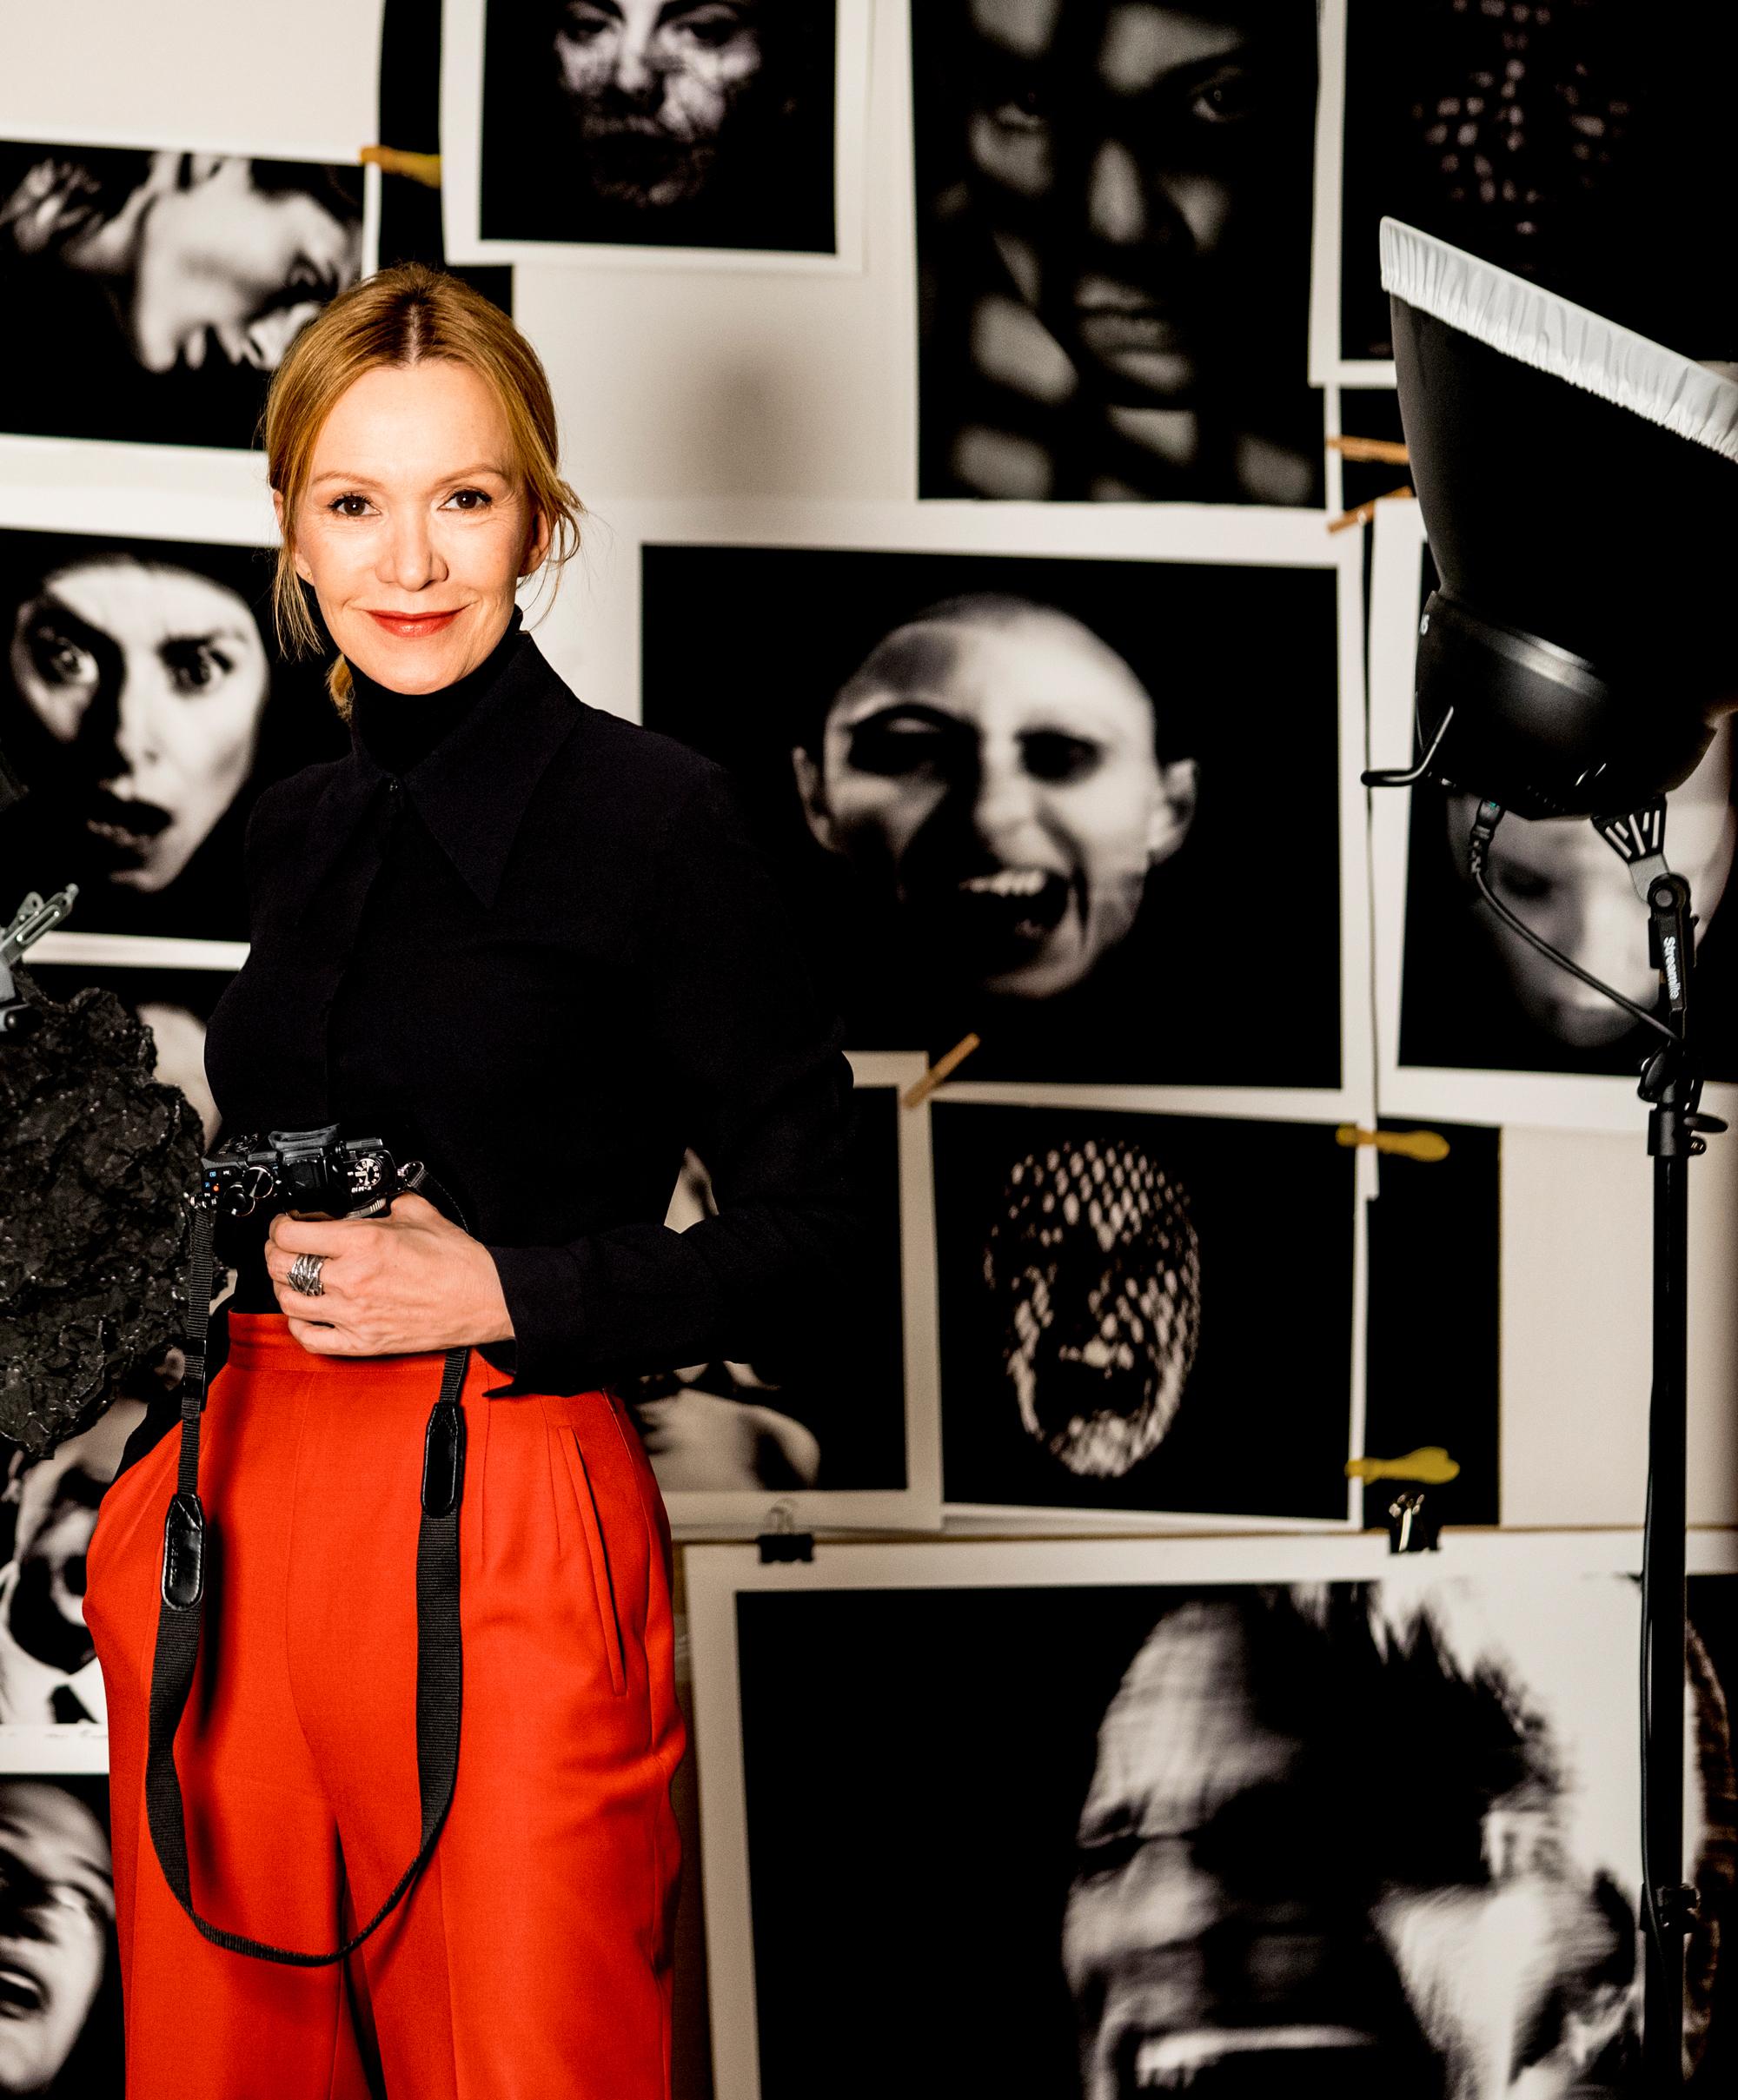 Katja Flint mit Kamera Berlin, 2018 Foto: Katja Flint